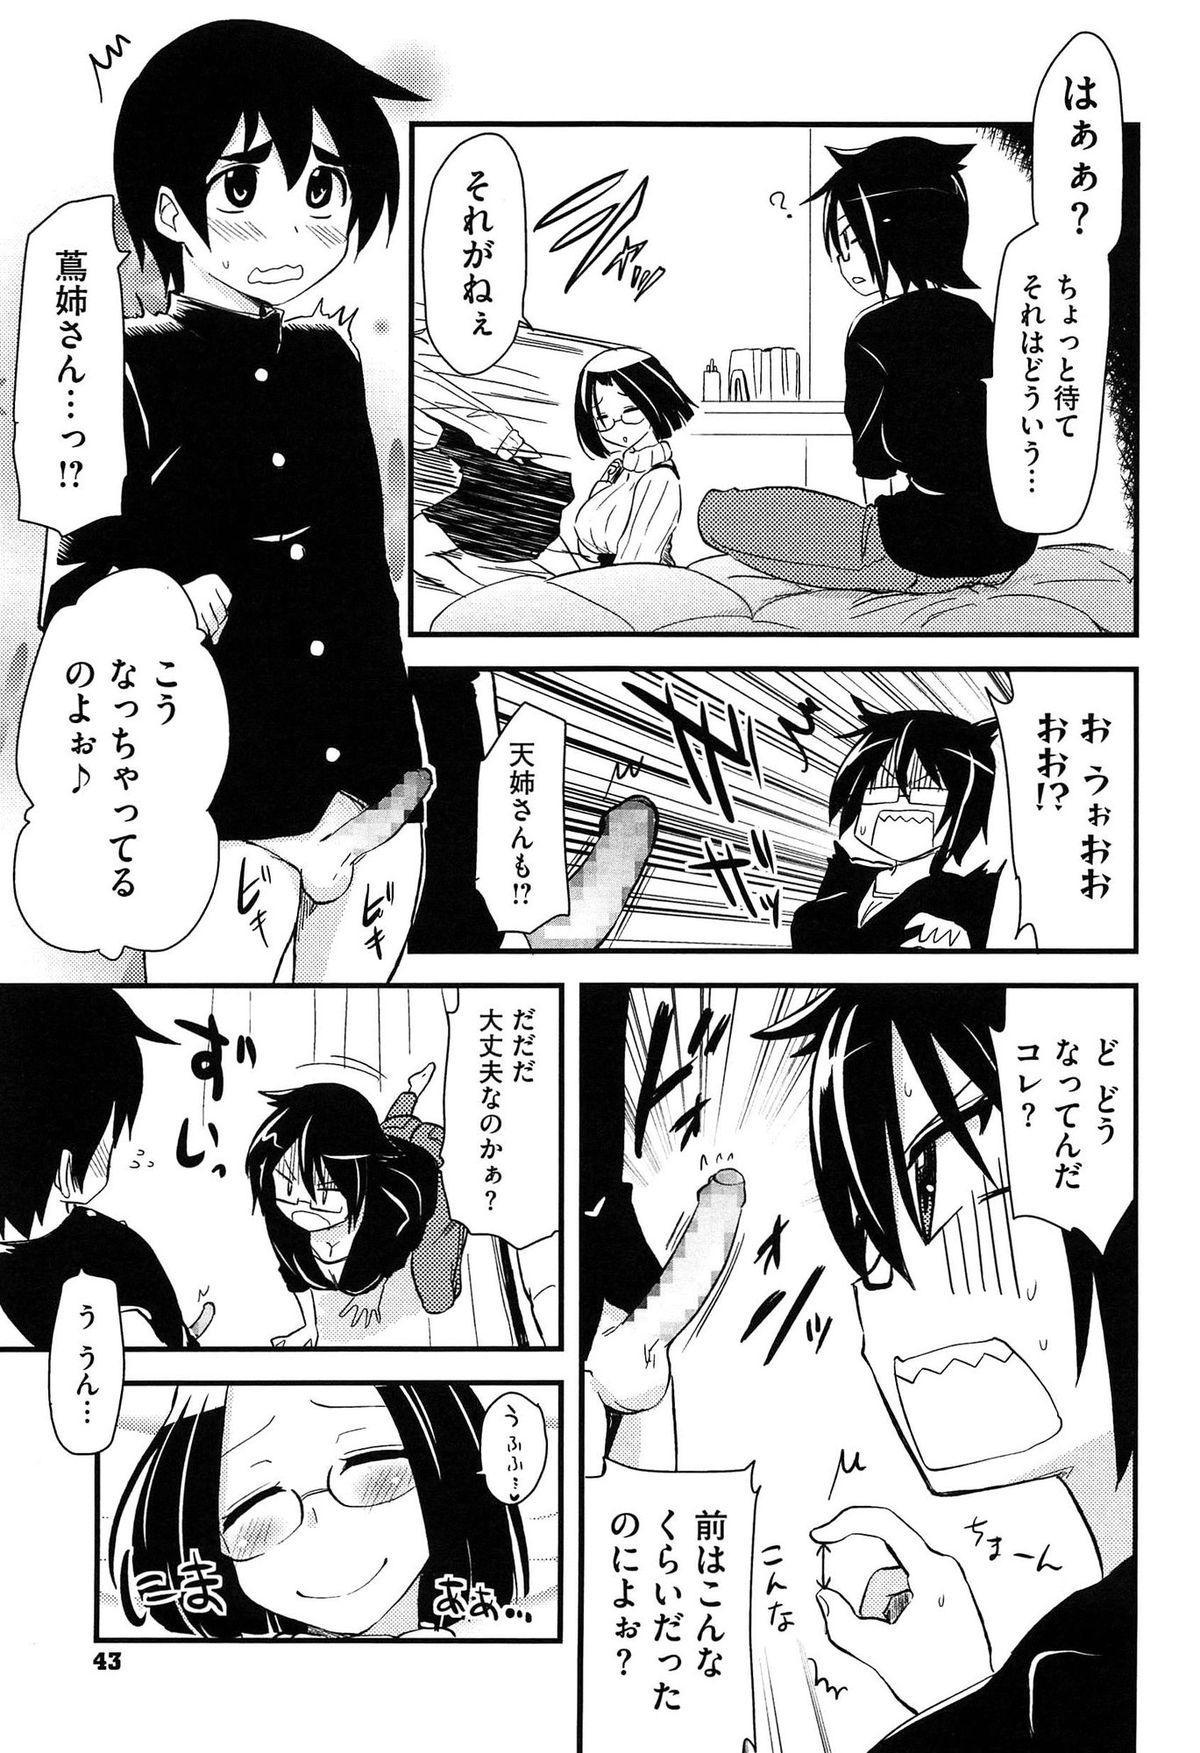 Hotondo no Ane wa H ga Shitai 43